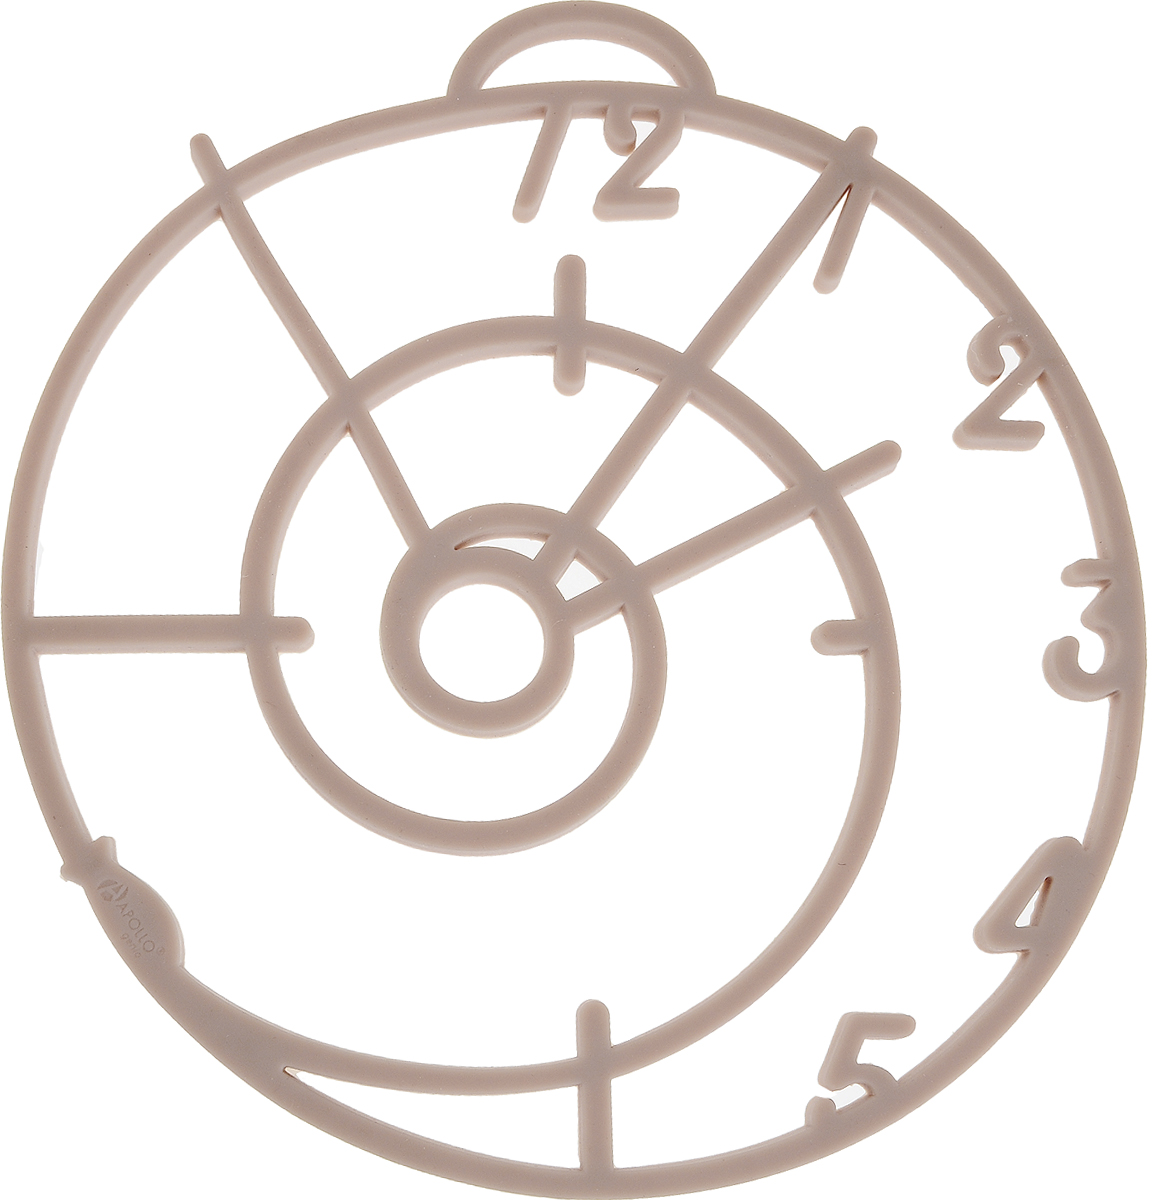 Подставка под горячее Apollo Genio Five minutes, цвет: бежевыйFVM-01Подставка под горячее Apollo Genio Five minutes изготовлена из силикона, современного и комфортного материала, который приятен на ощупь и легко моется. Изделие предназначено для защиты кухонных поверхностей от высокой температуры. Подставка прекрасно подойдет для самых различных кастрюль, тарелок, сковородок и форм для выпечки.Плюсы подставки:- температурный диапазон использования: от - 40 °С до + 240 °С,- невозможно разбить,- не деформируется при хранении в свернутом виде,- долго сохраняет свой первоначальный вид,- не выделяет вредных веществ при нагревании или охлаждении,- не впитывает запахи, не скользит.Уход:- рекомендуется ручная мойка,- не использовать при мытье абразивные моющие средства,- не ставить изделие на открытый огонь или разогретую электрическую конфорку.Размеры: 17,6 х 19 х 0,5 см.